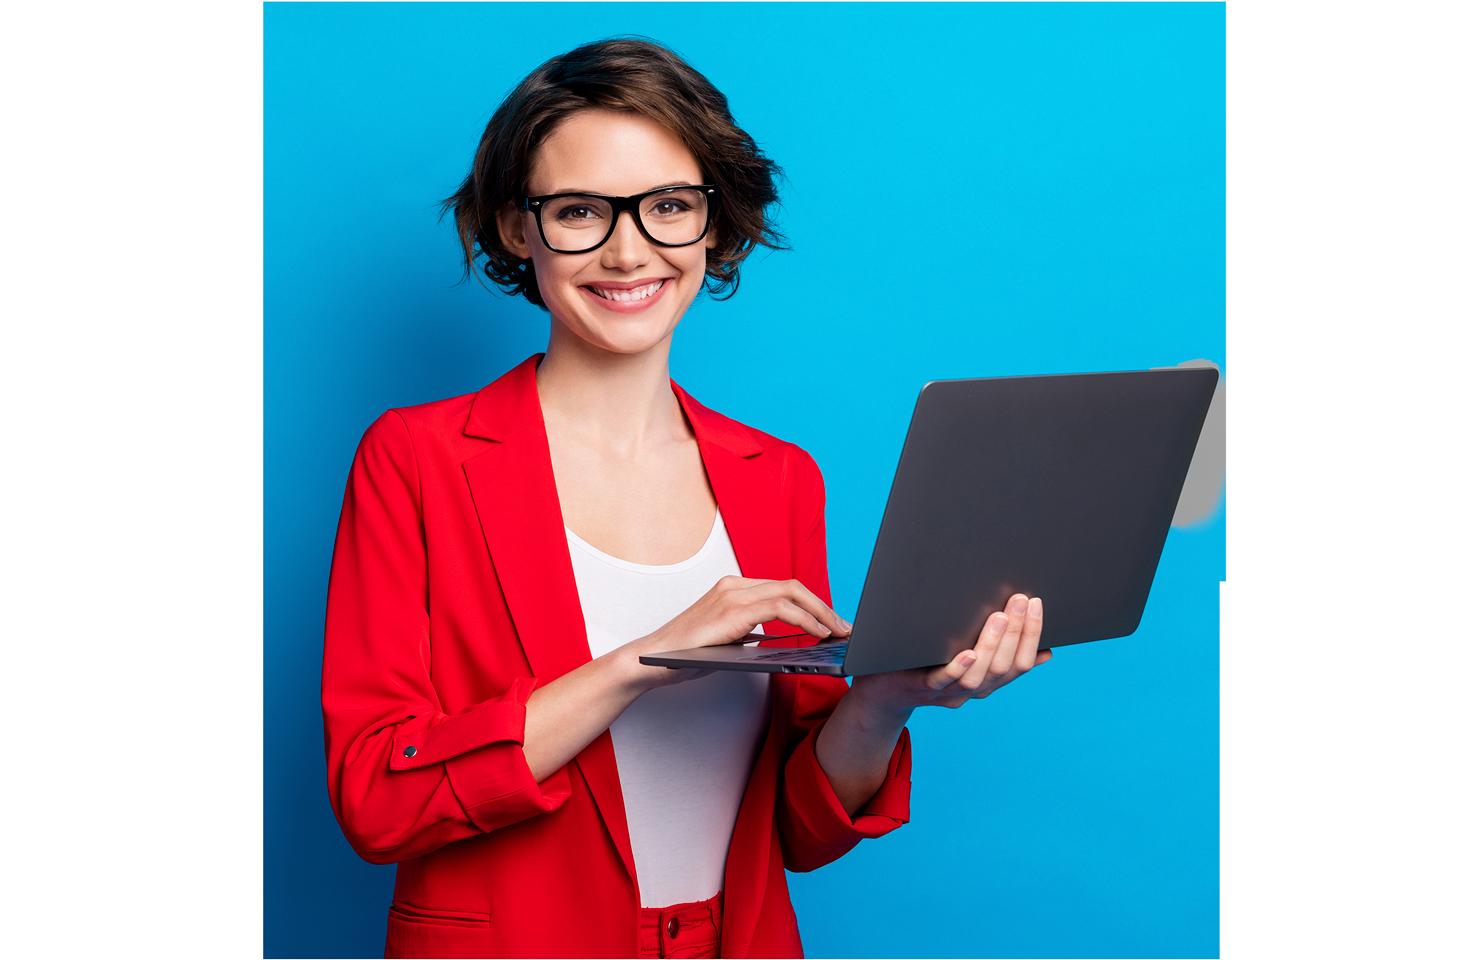 Изоляция мешает карьерному росту женщин в сфере технологий